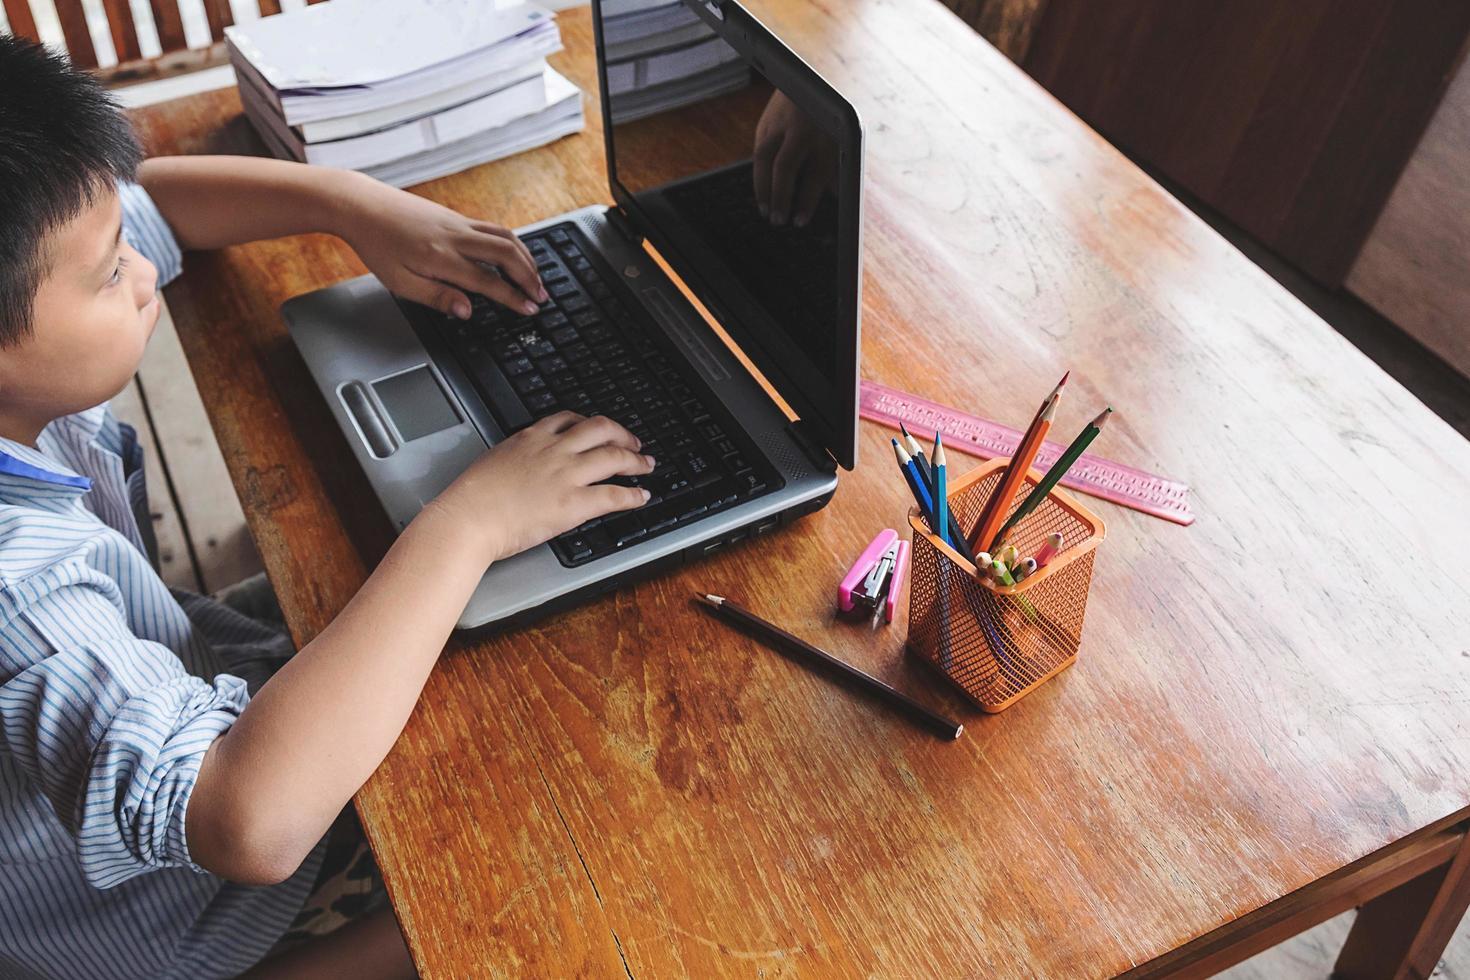 jongen die aan laptop naast kop van potloden op een houten bureau werkt foto